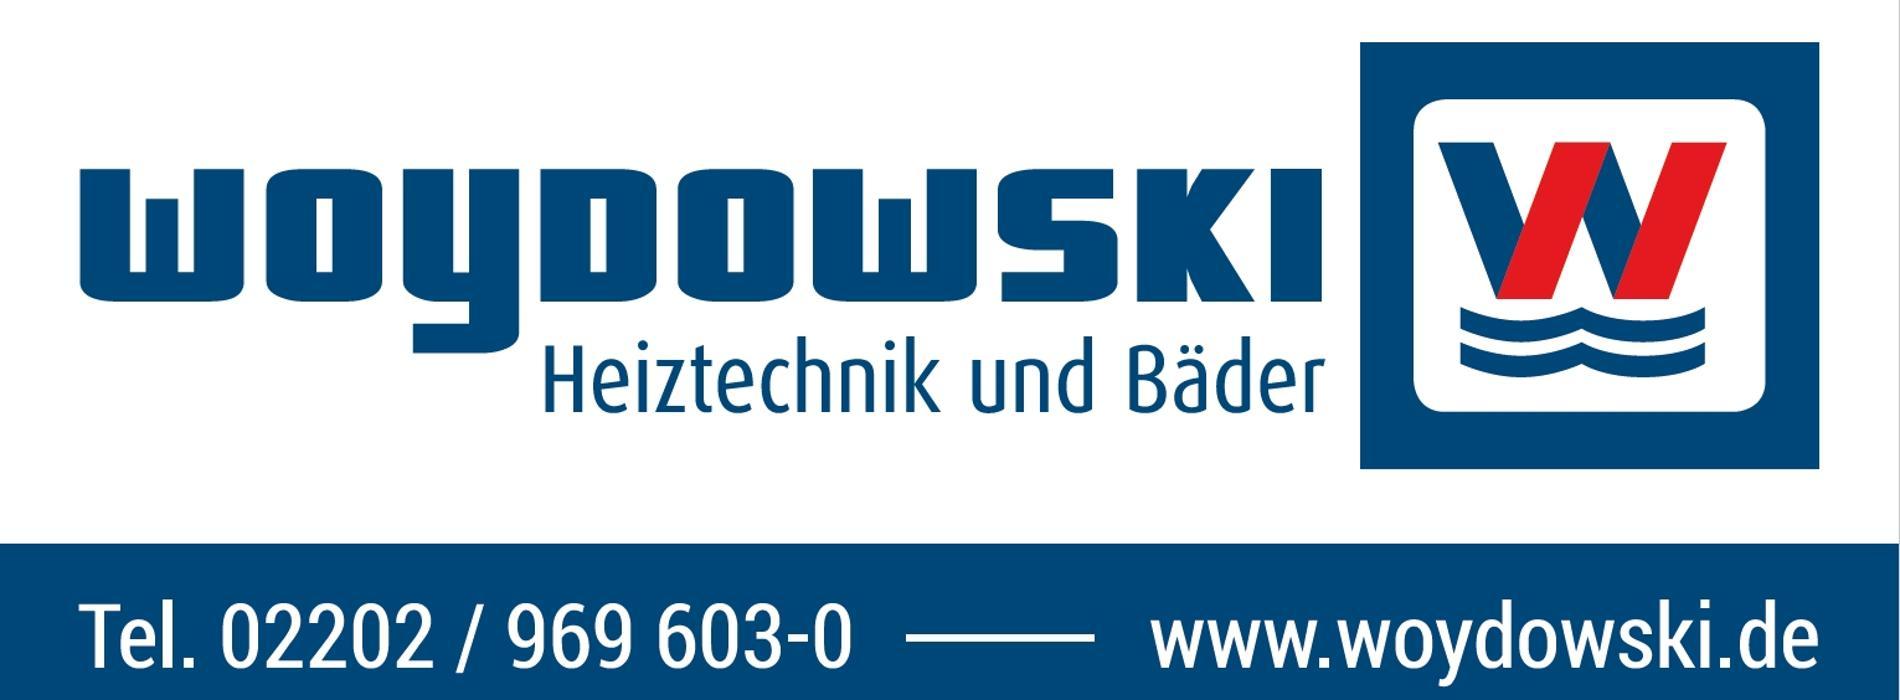 Bild zu Woydowski GmbH - Heiztechnik und Bäder in Bergisch Gladbach